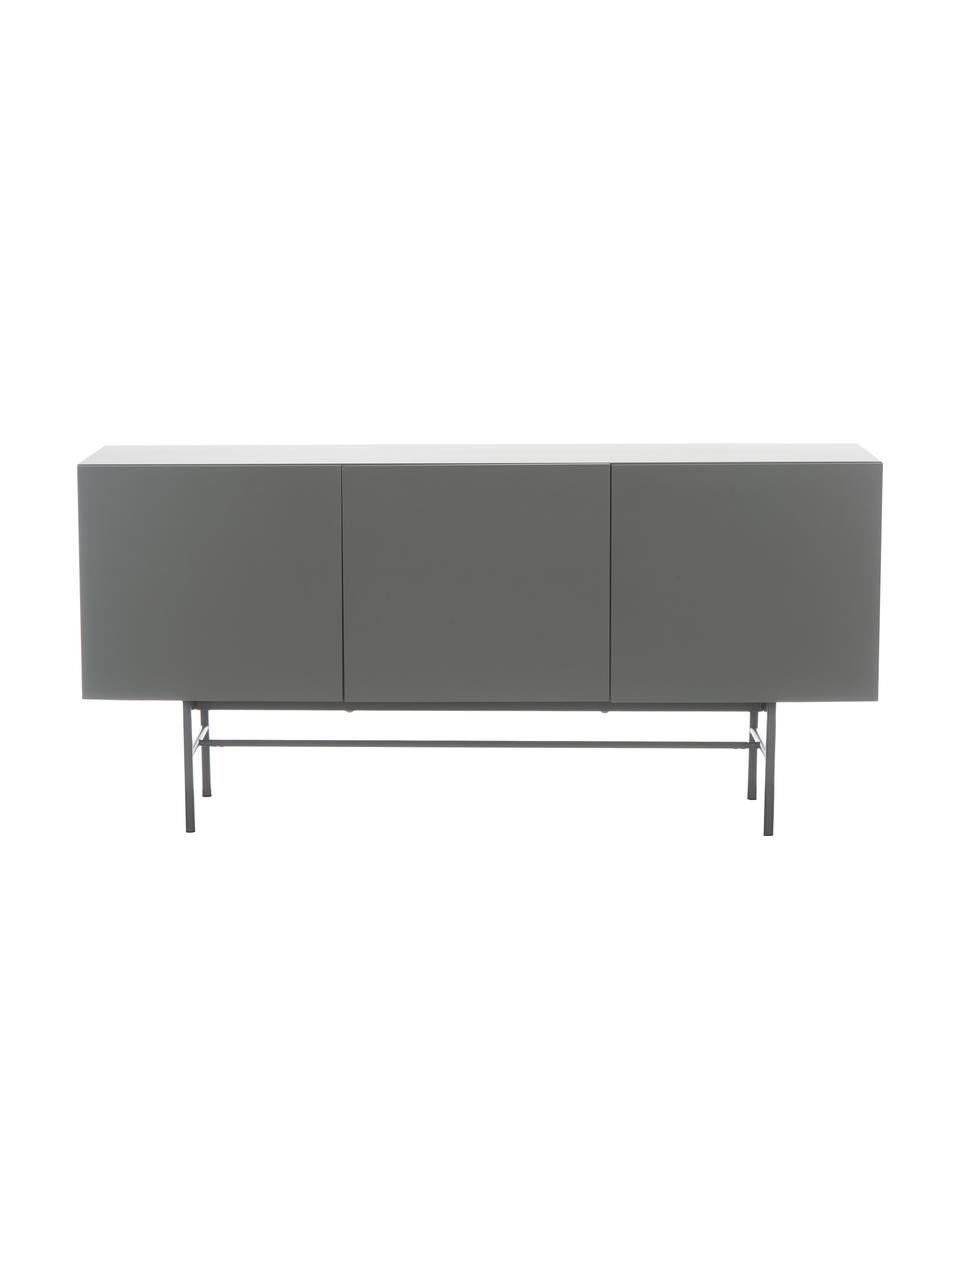 Credenza moderna con 3 ante Anders, Piedini: metallo verniciato a polv, Grigio, Larg. 160 x Alt. 79 cm